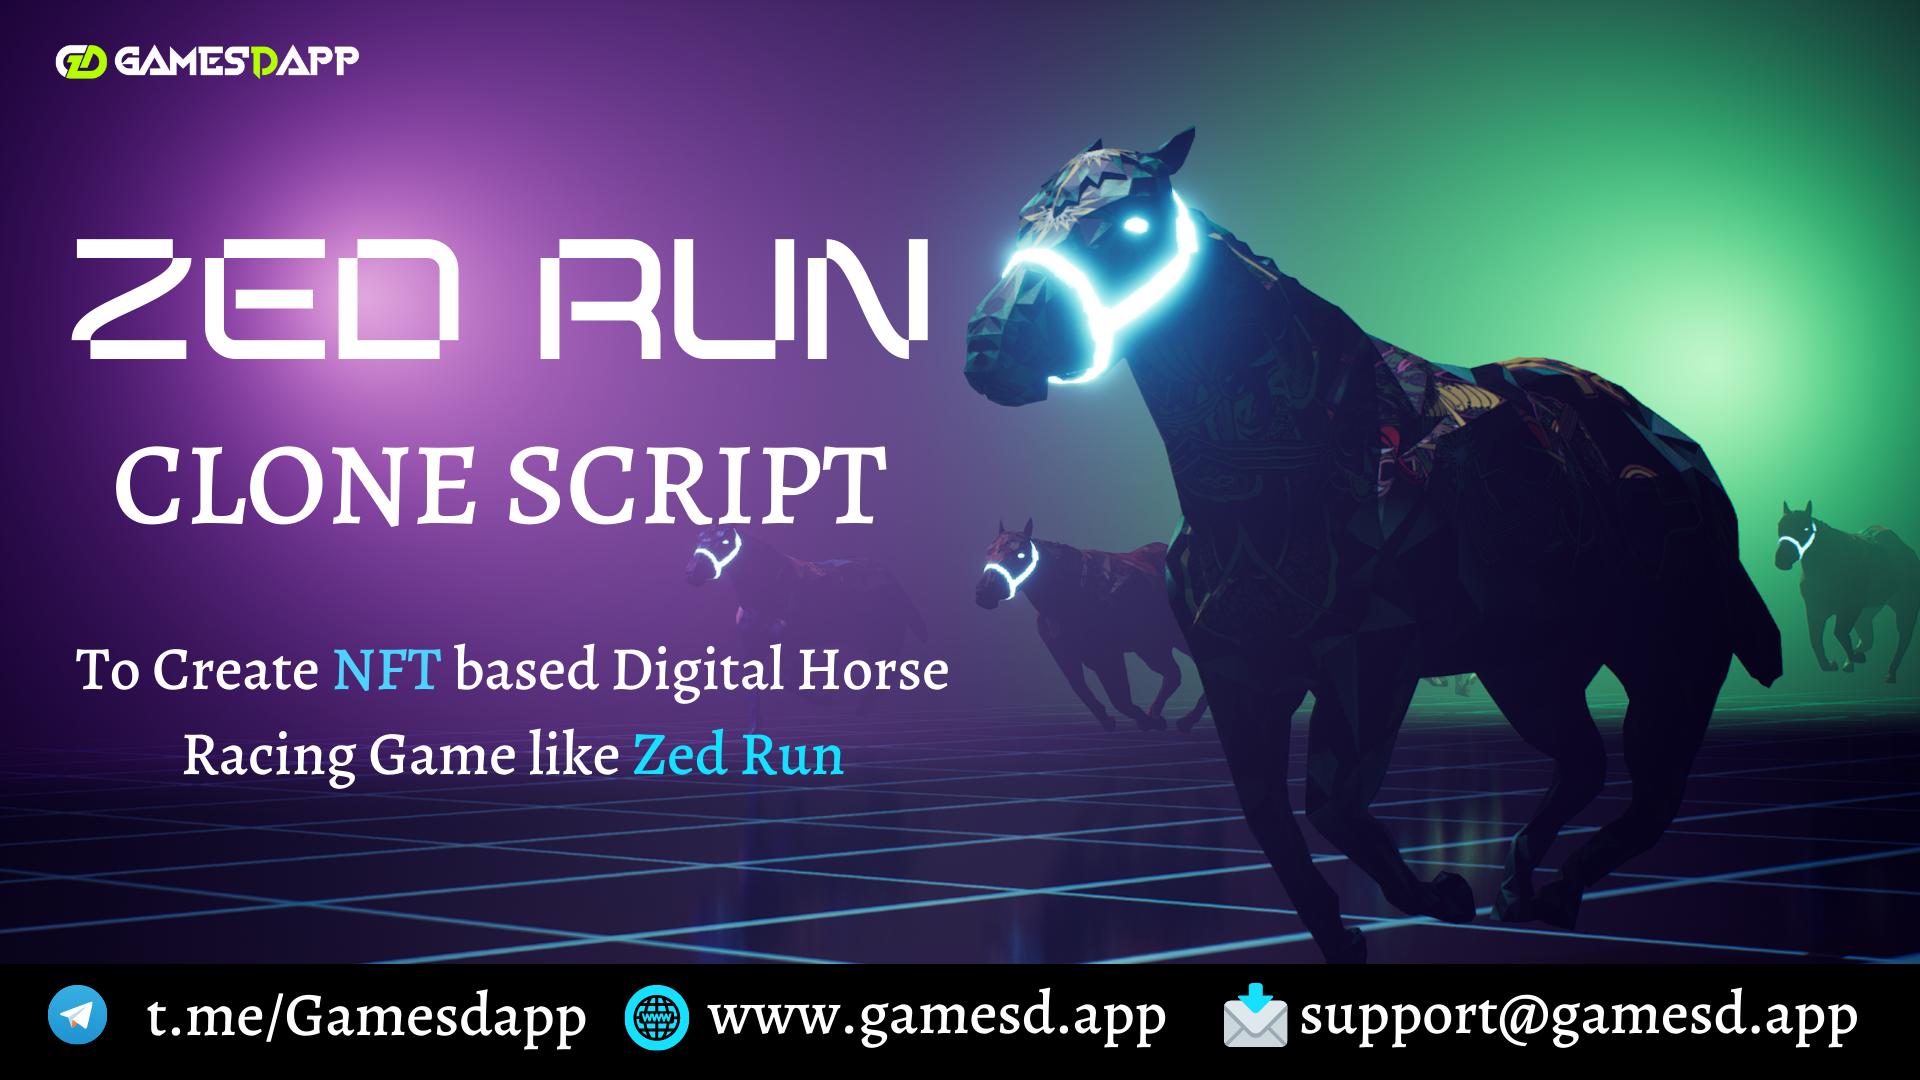 ZedRun Clone Script - To Create NFT based Digital Horse Racing Game like Zed Run